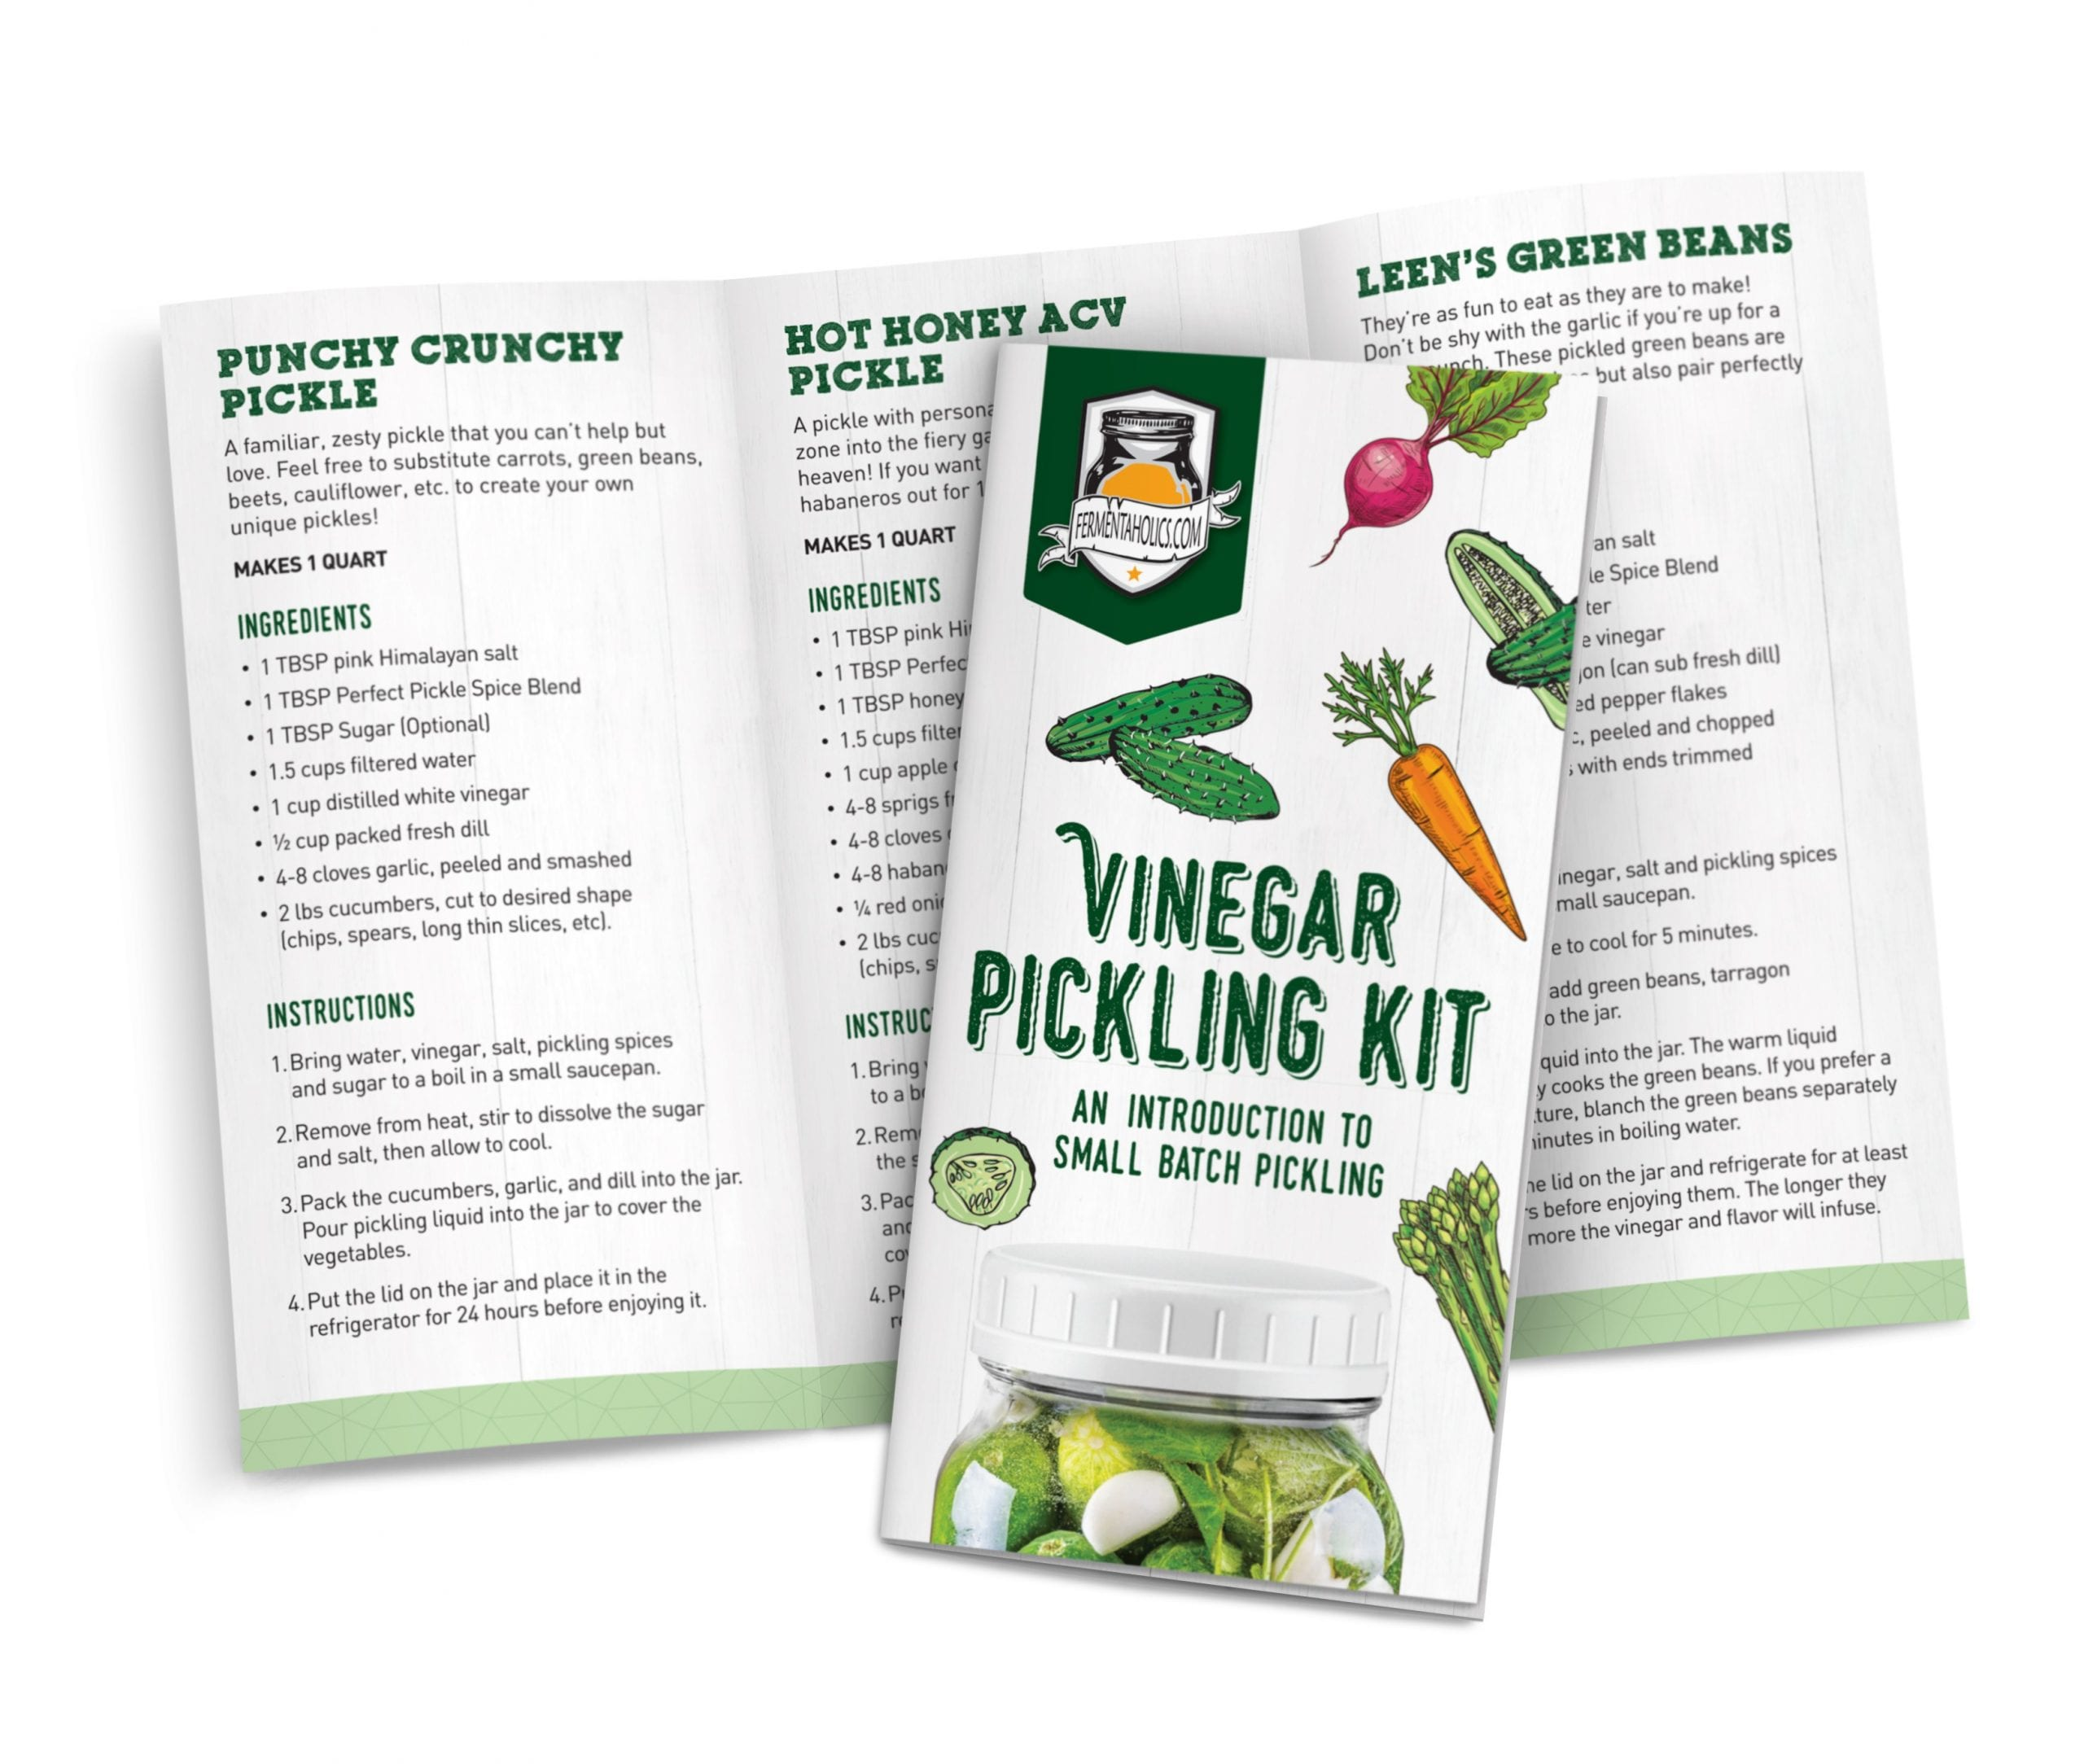 Pickling Kit Insert